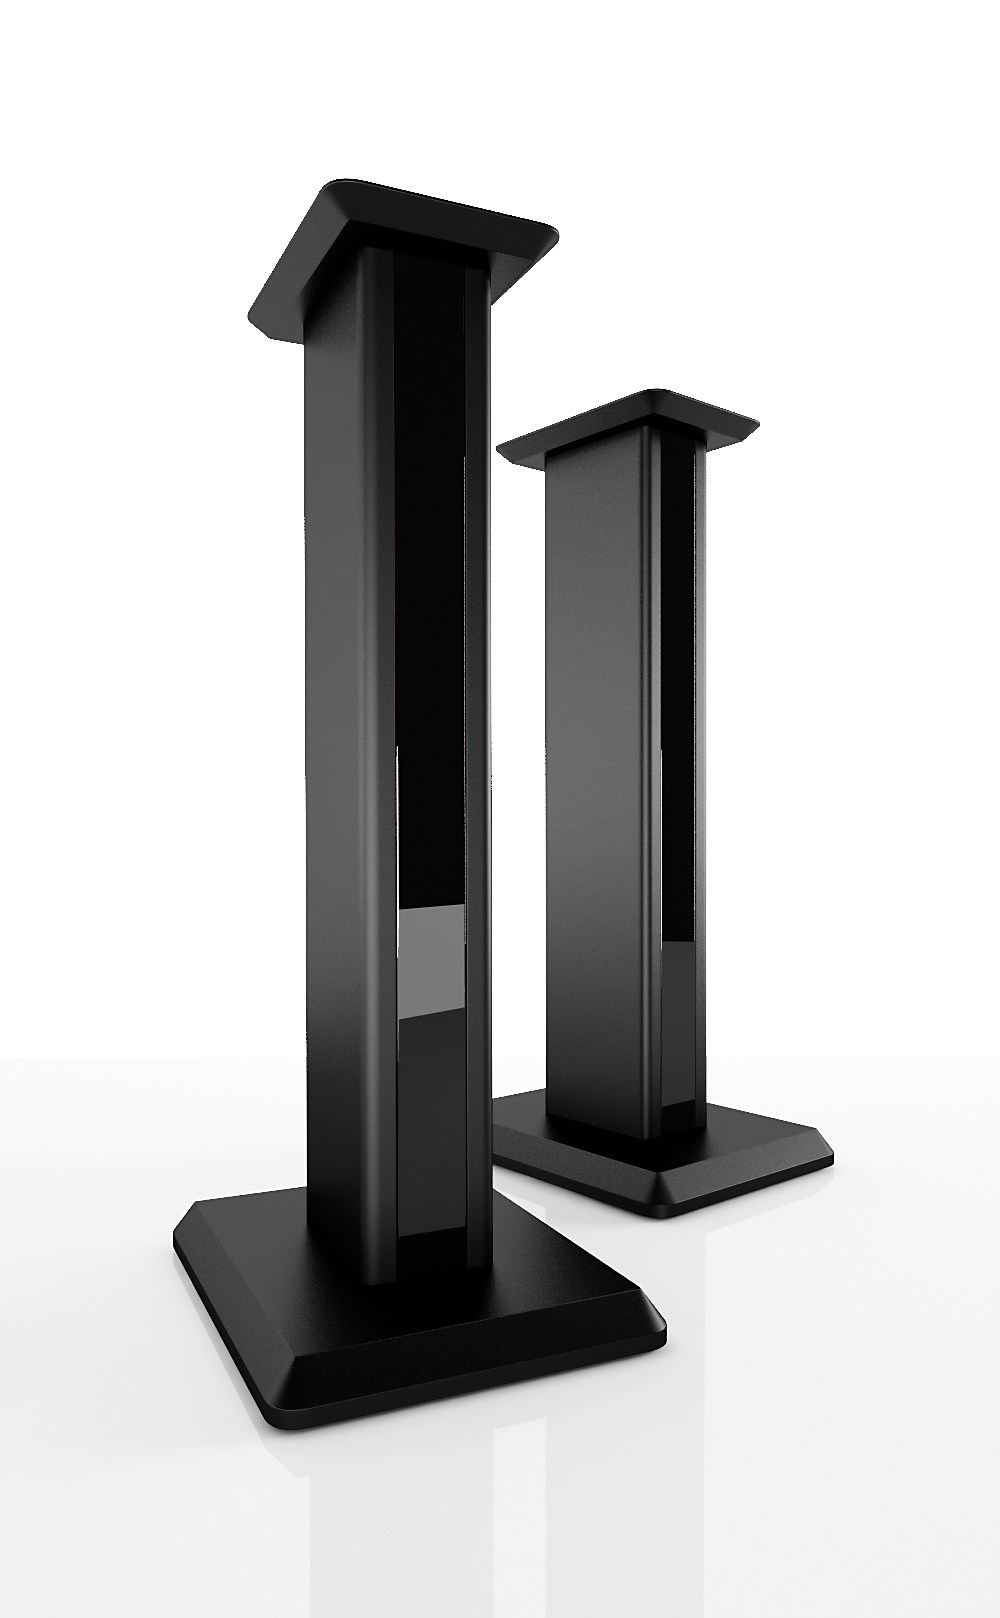 Acoustic Energy Reference Stands Barevné provedení: černý klavírní lak